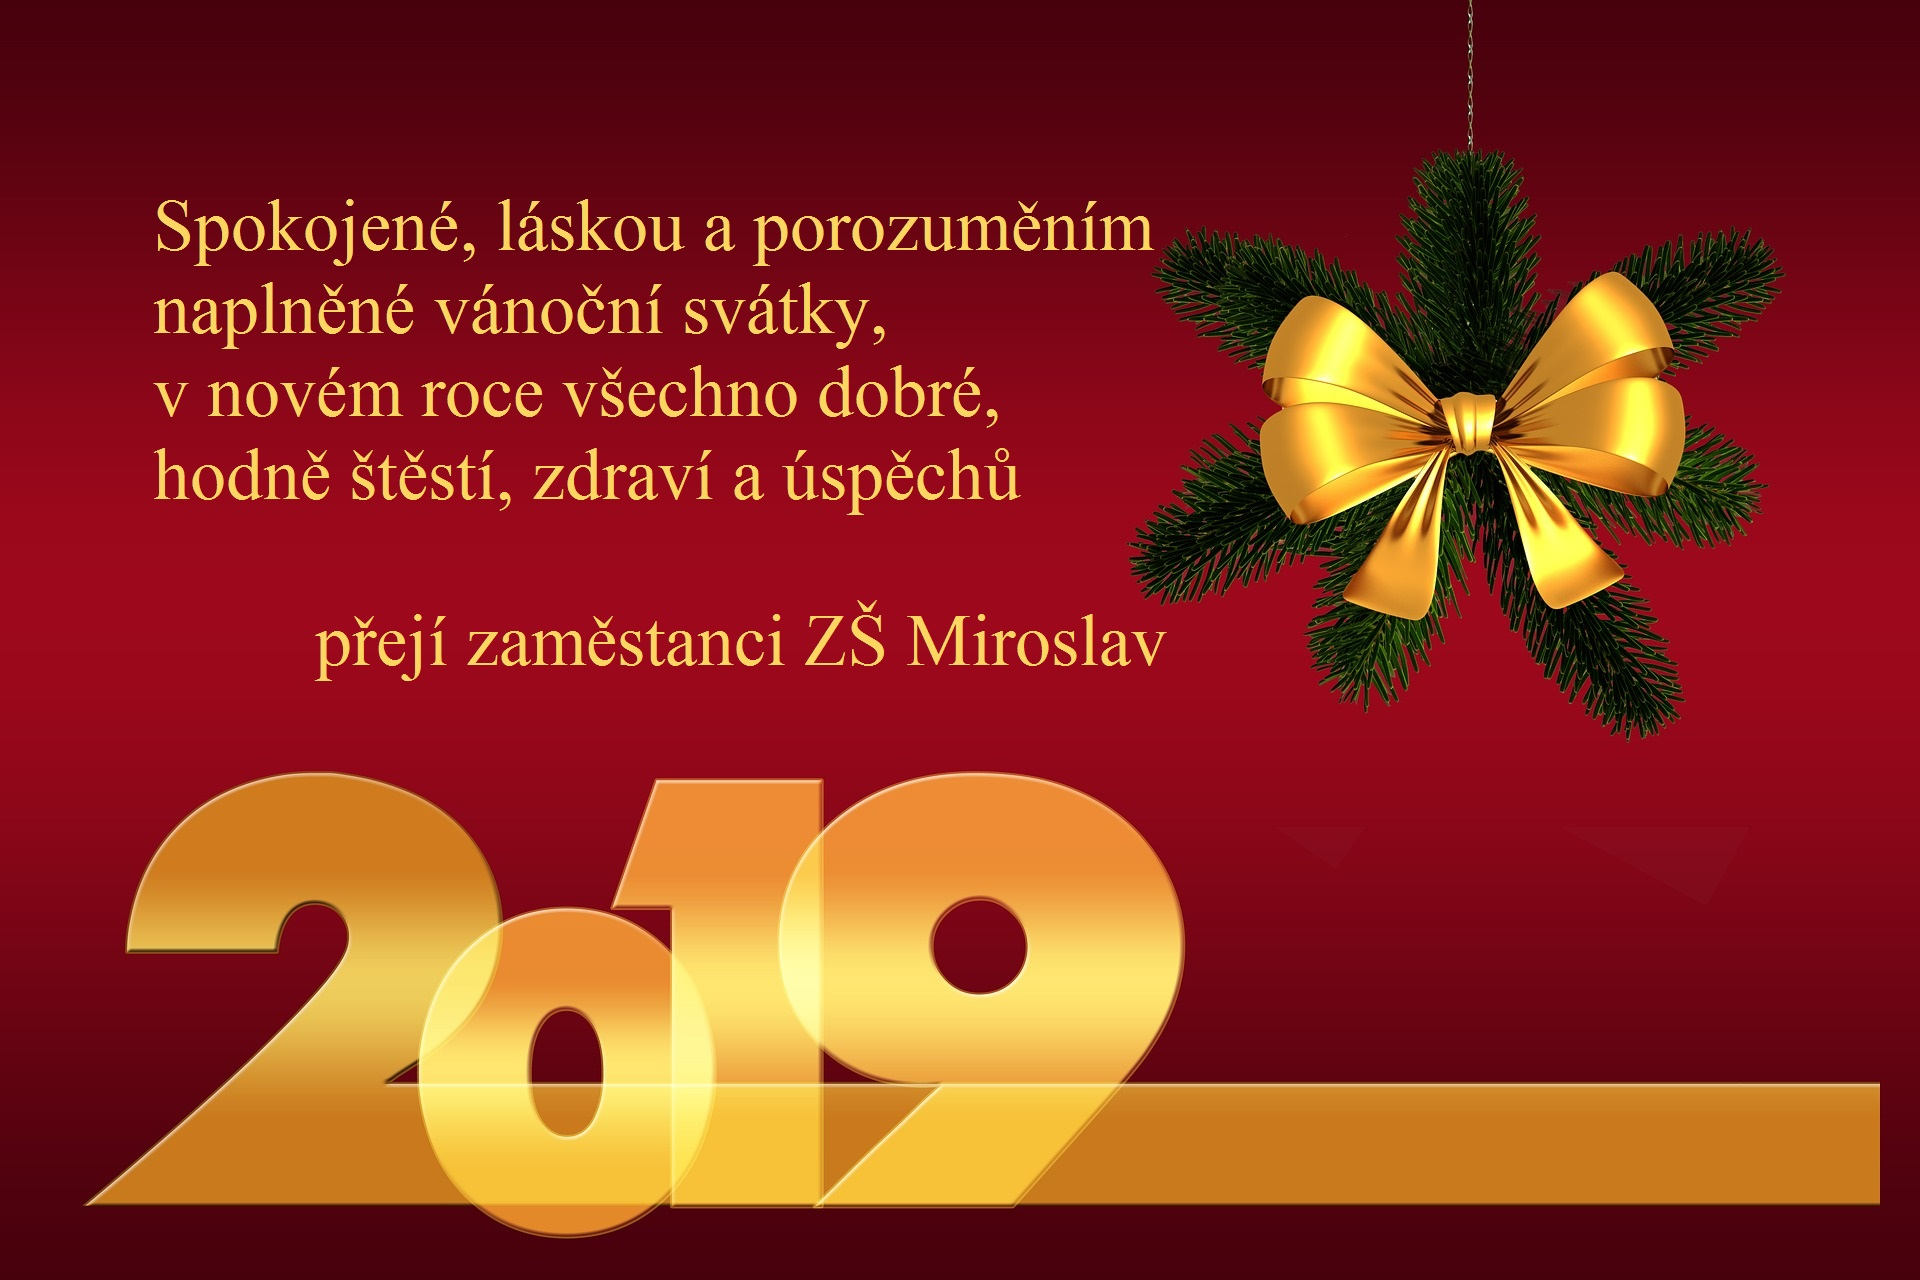 christmas-3859550_1920